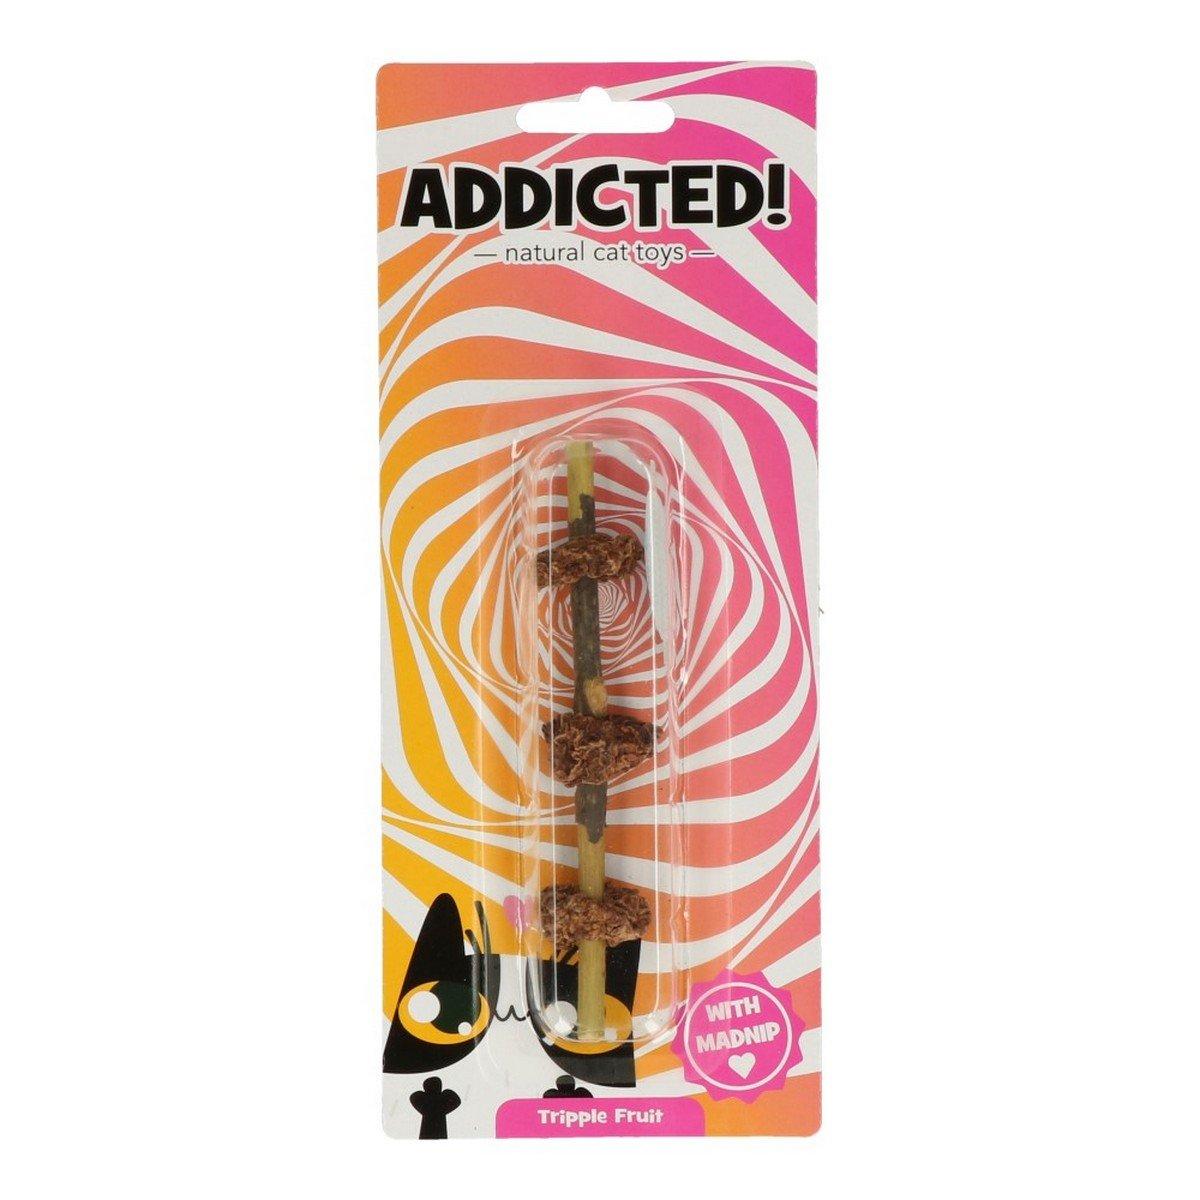 Afbeelding van Agradi Addicted Tripple Fruit 1 st